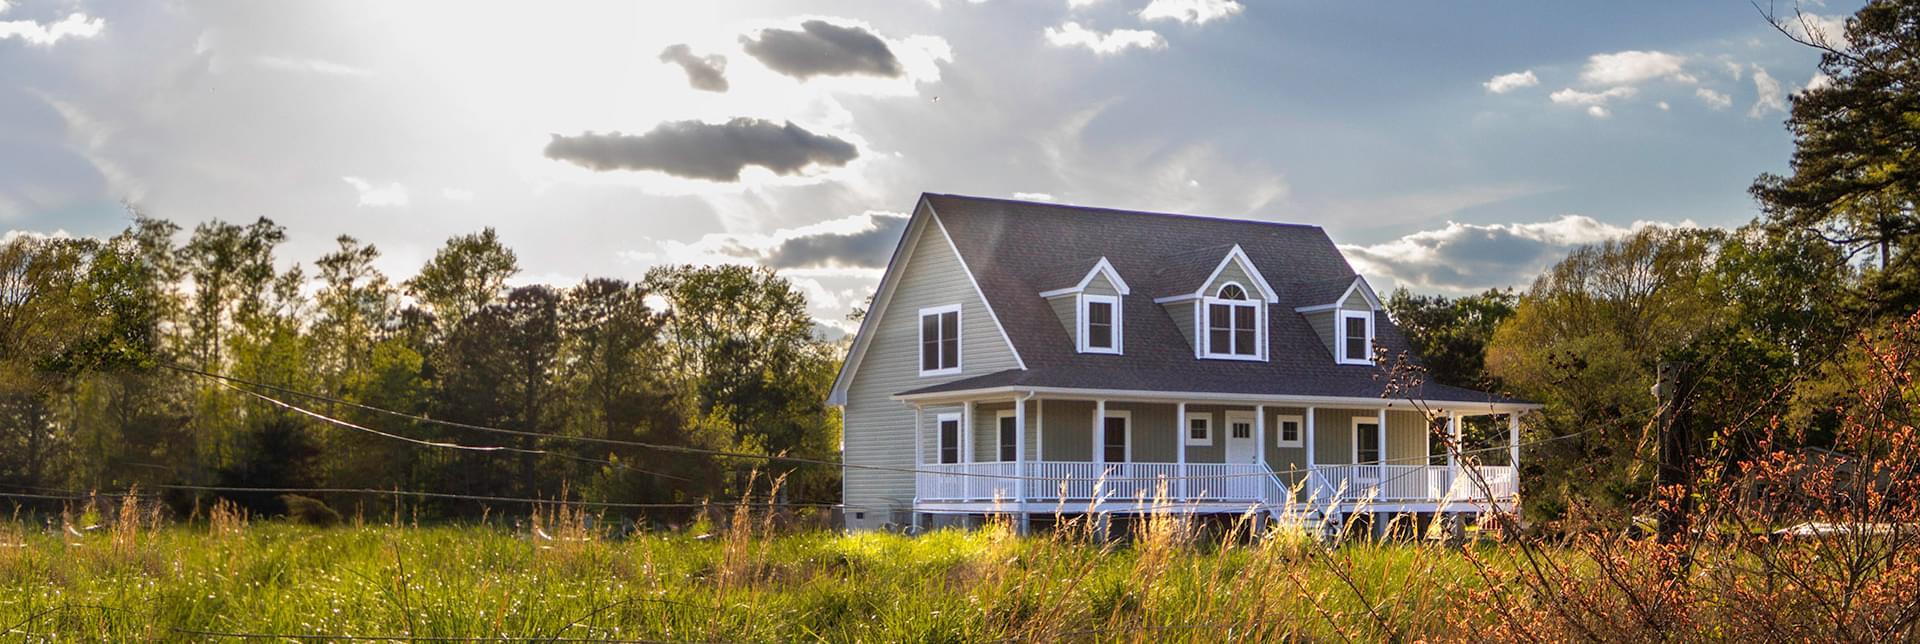 New Homes in Warren County NC